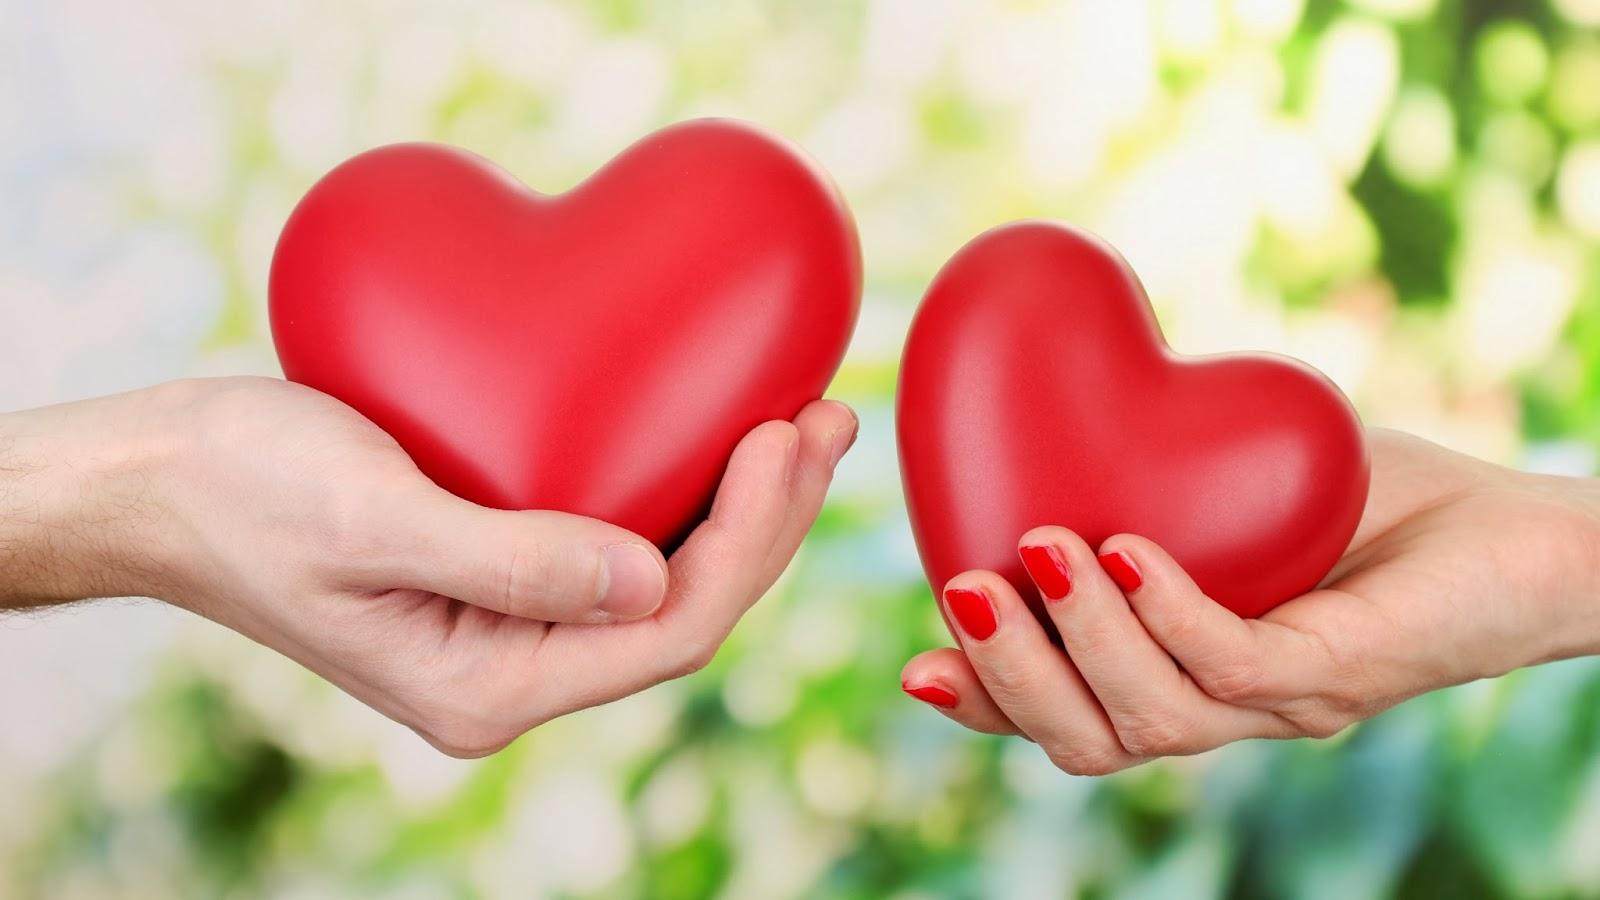 بالصور صور قلوب حب , رمزيات معبرة عن الحب 4887 5